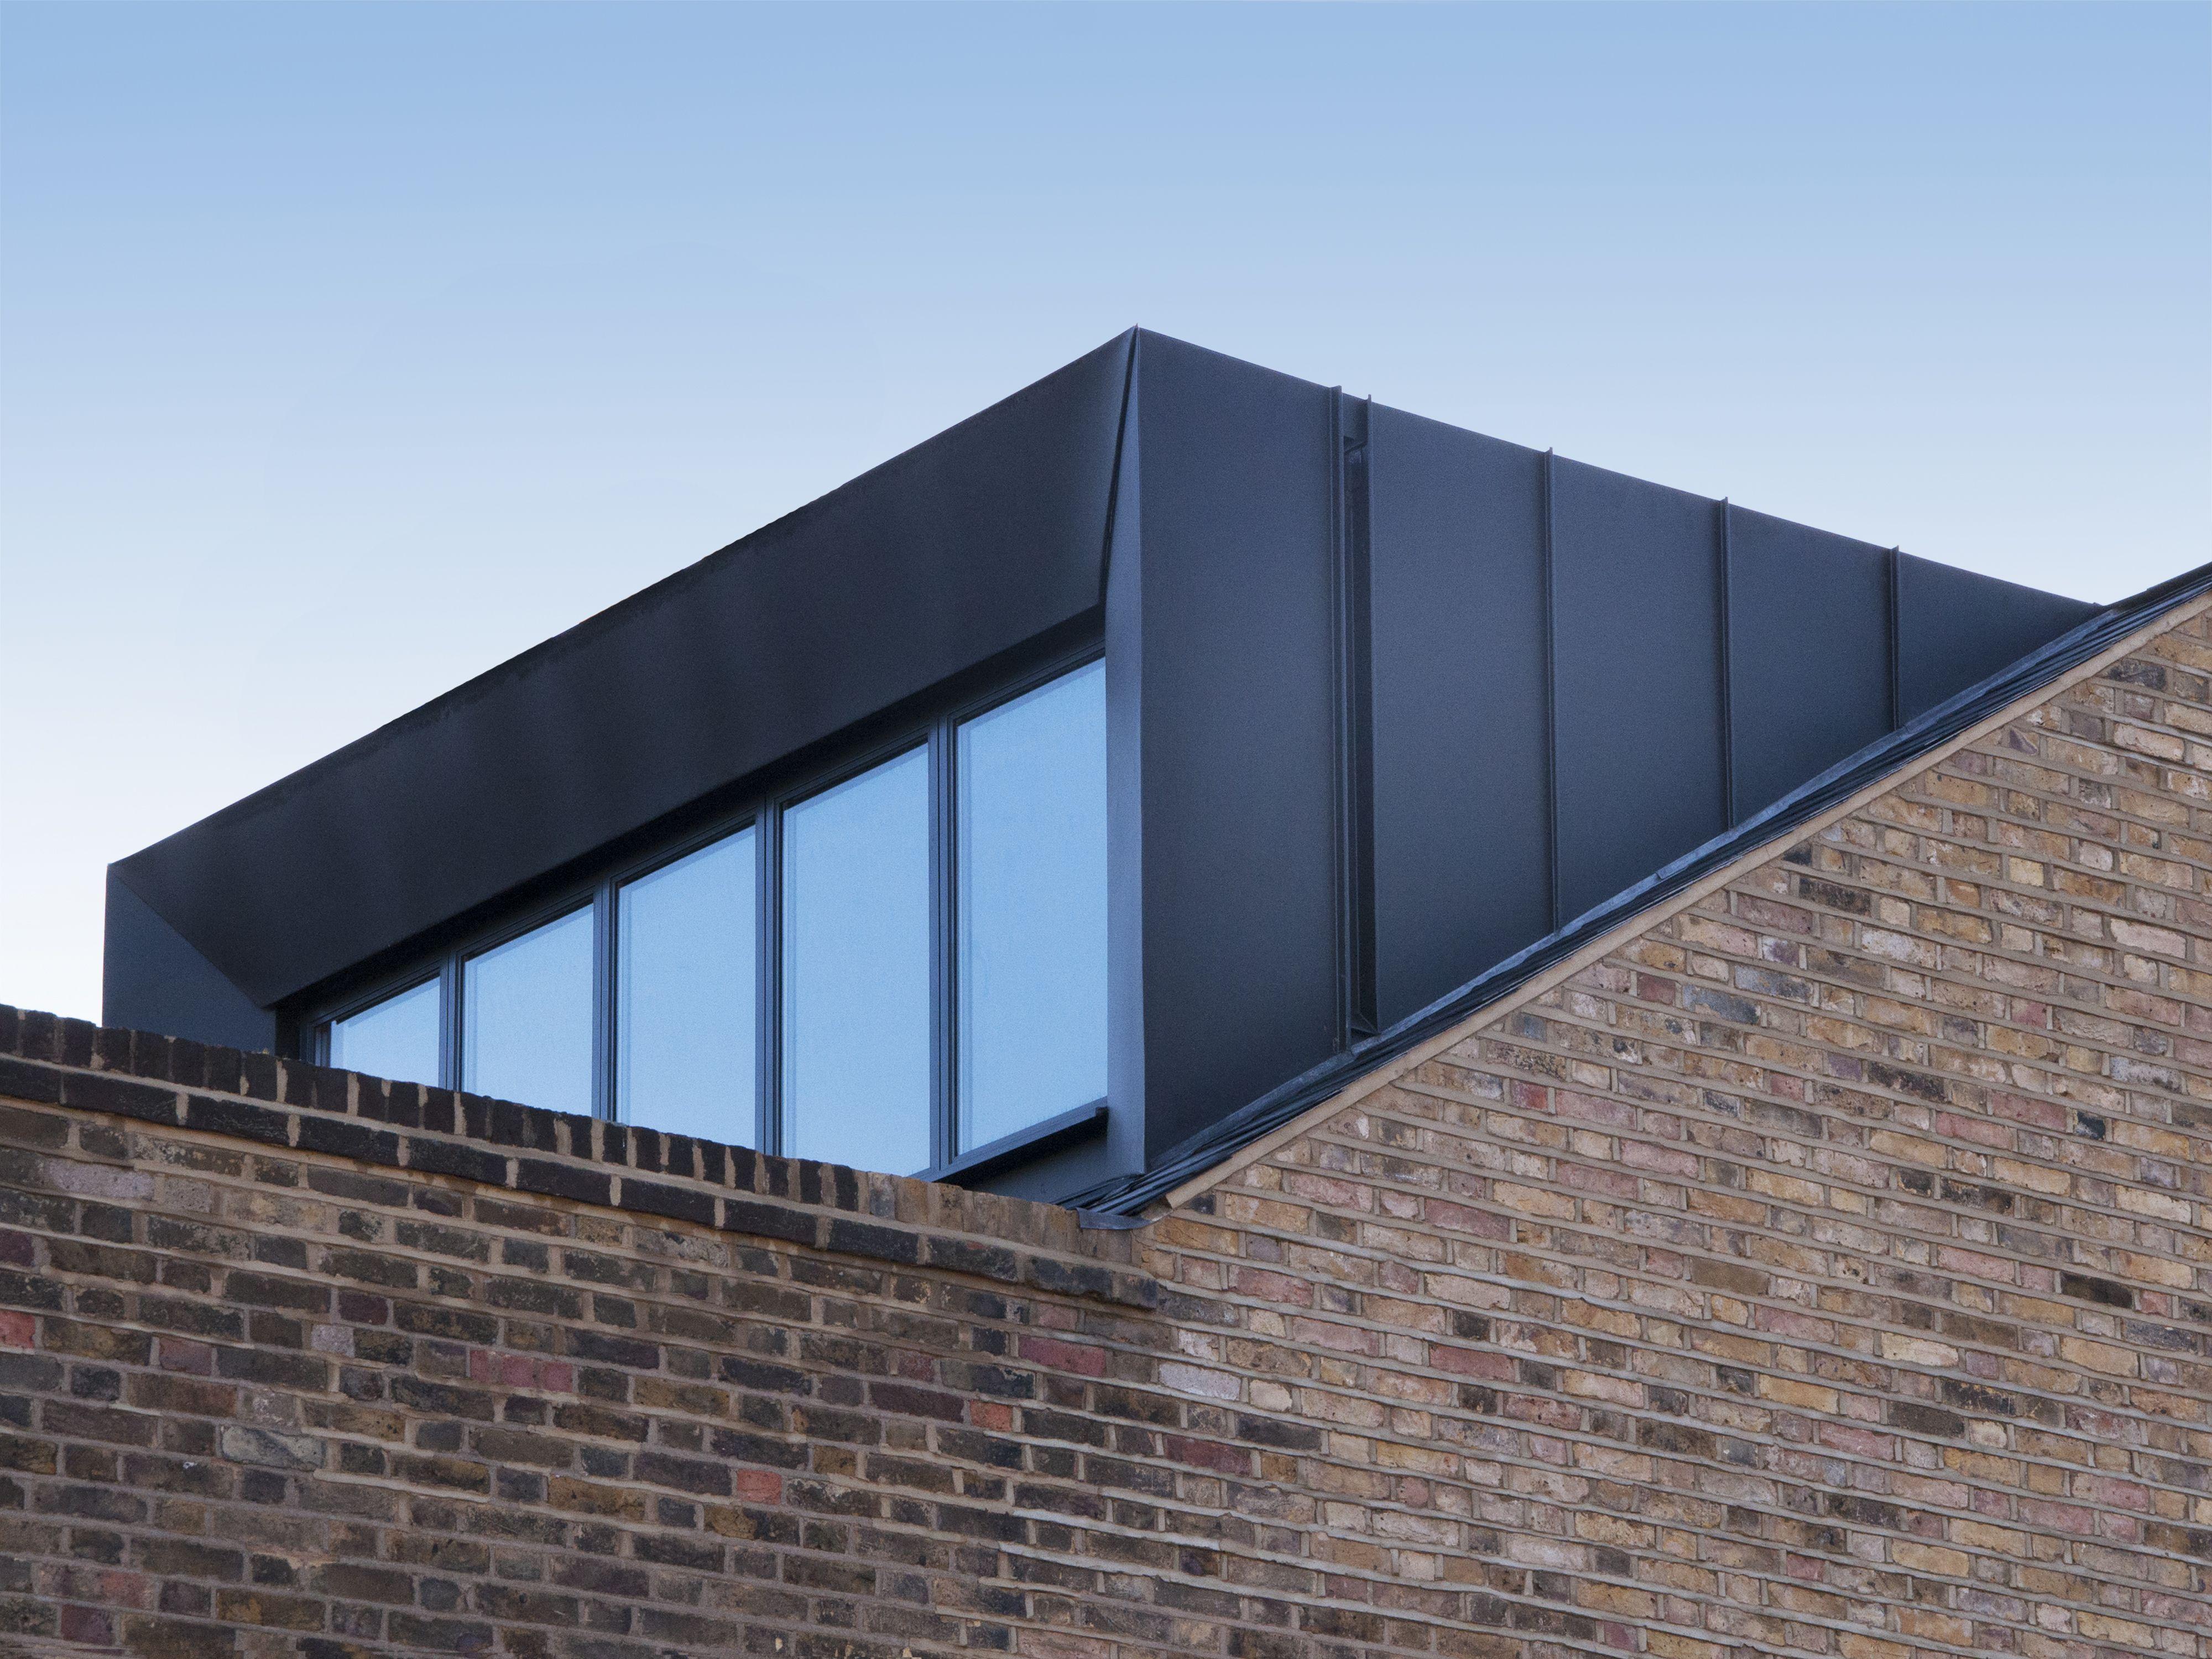 Best 10 Brilliant Roofing Garden Outdoor Living Ideas In 2020 400 x 300